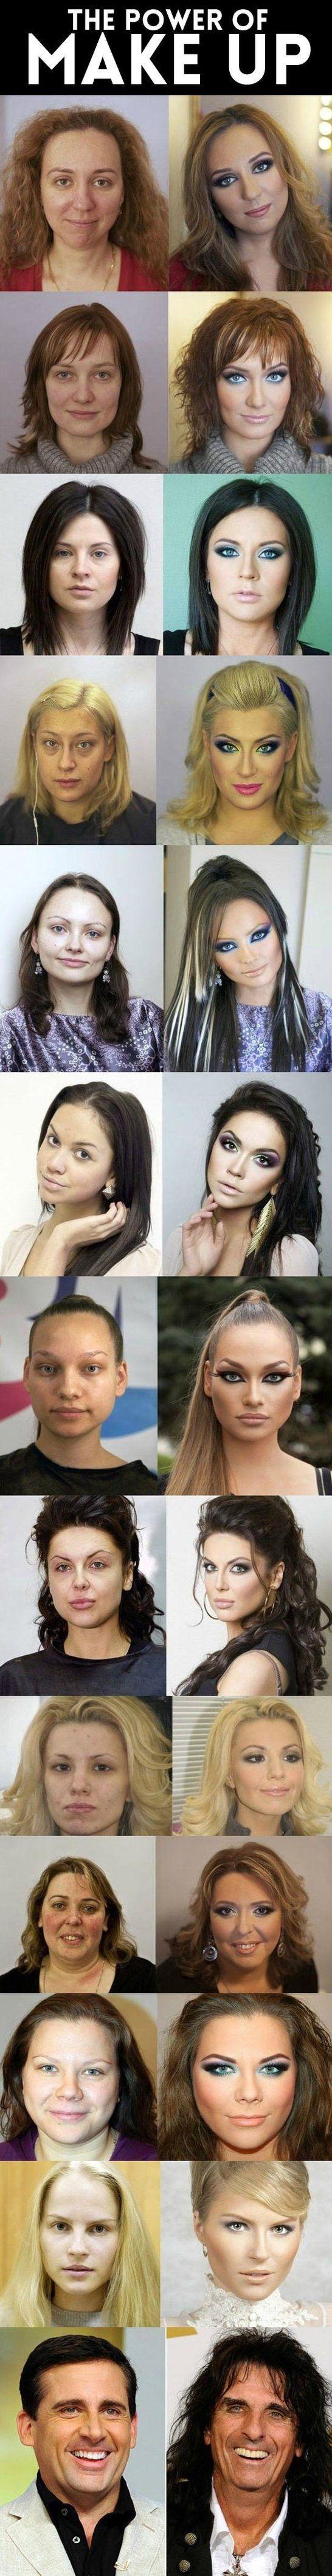 Power of makeup - www.meme-lol.com